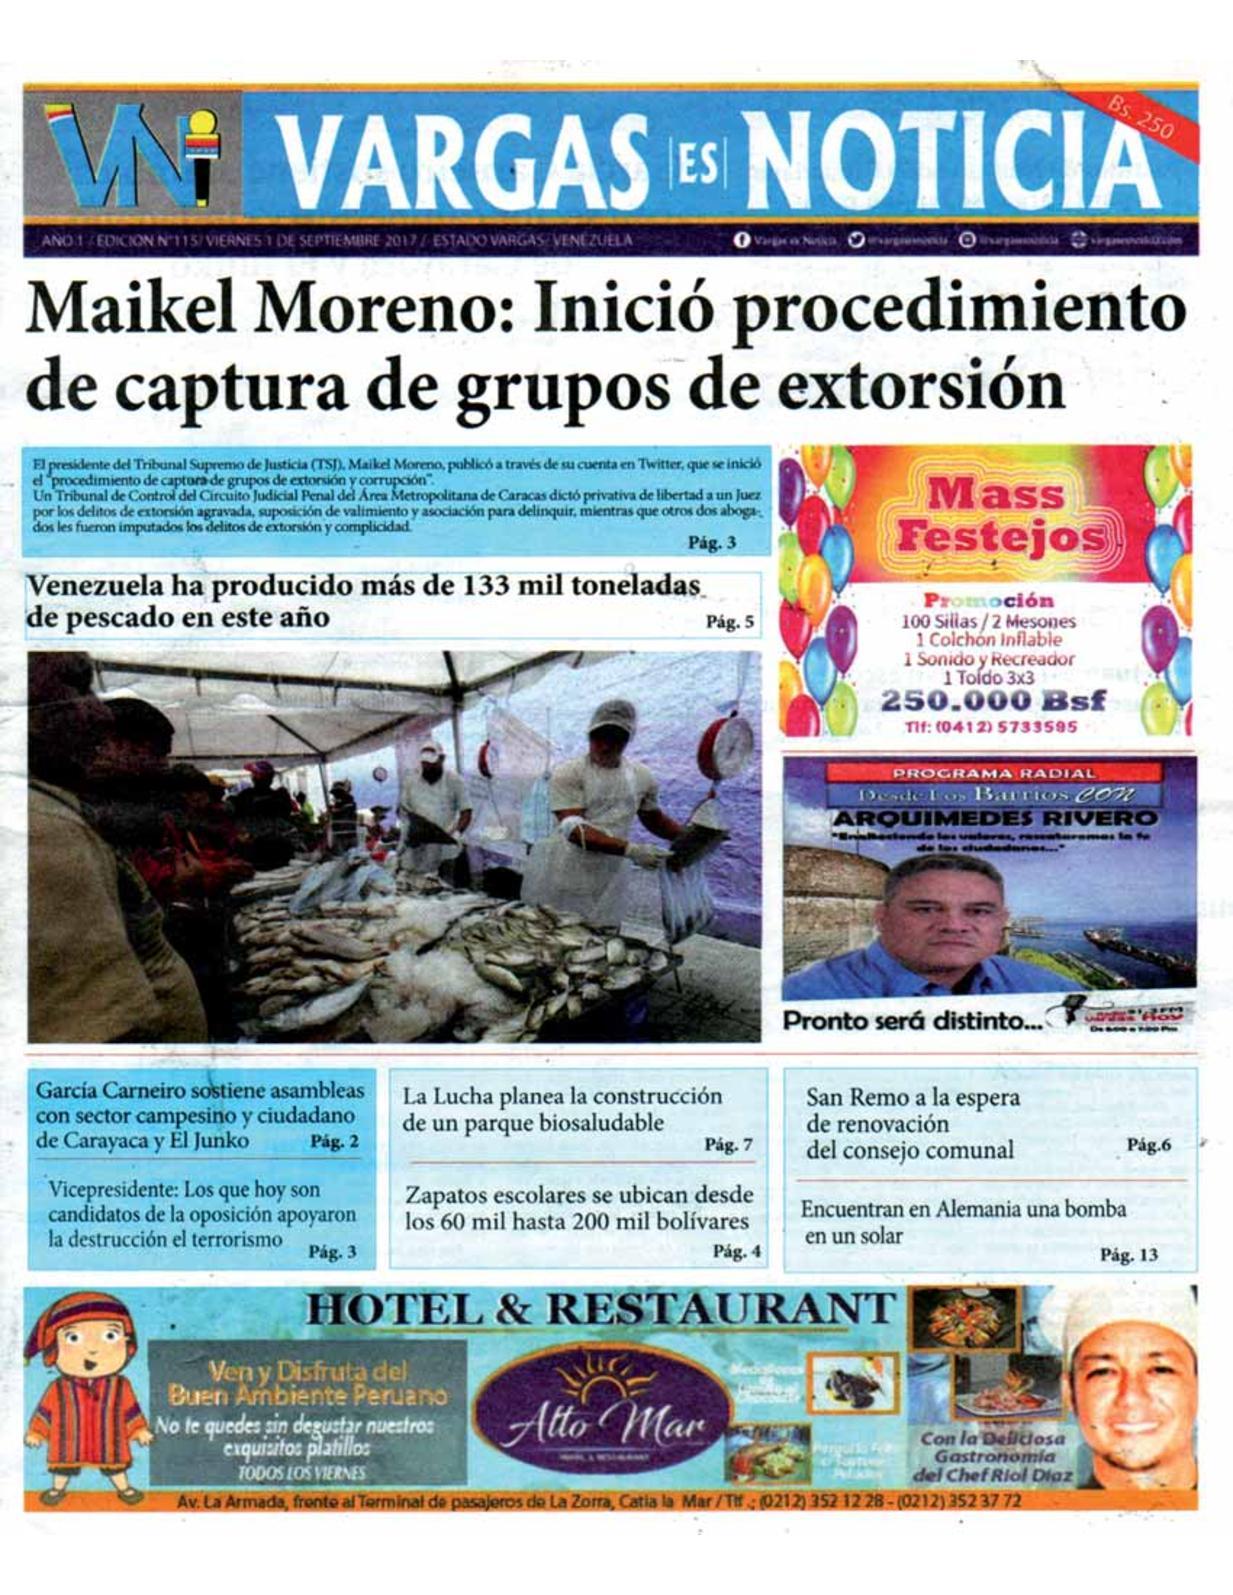 Vargas es Noticia, viernes  de agosto de 2017 N° 115